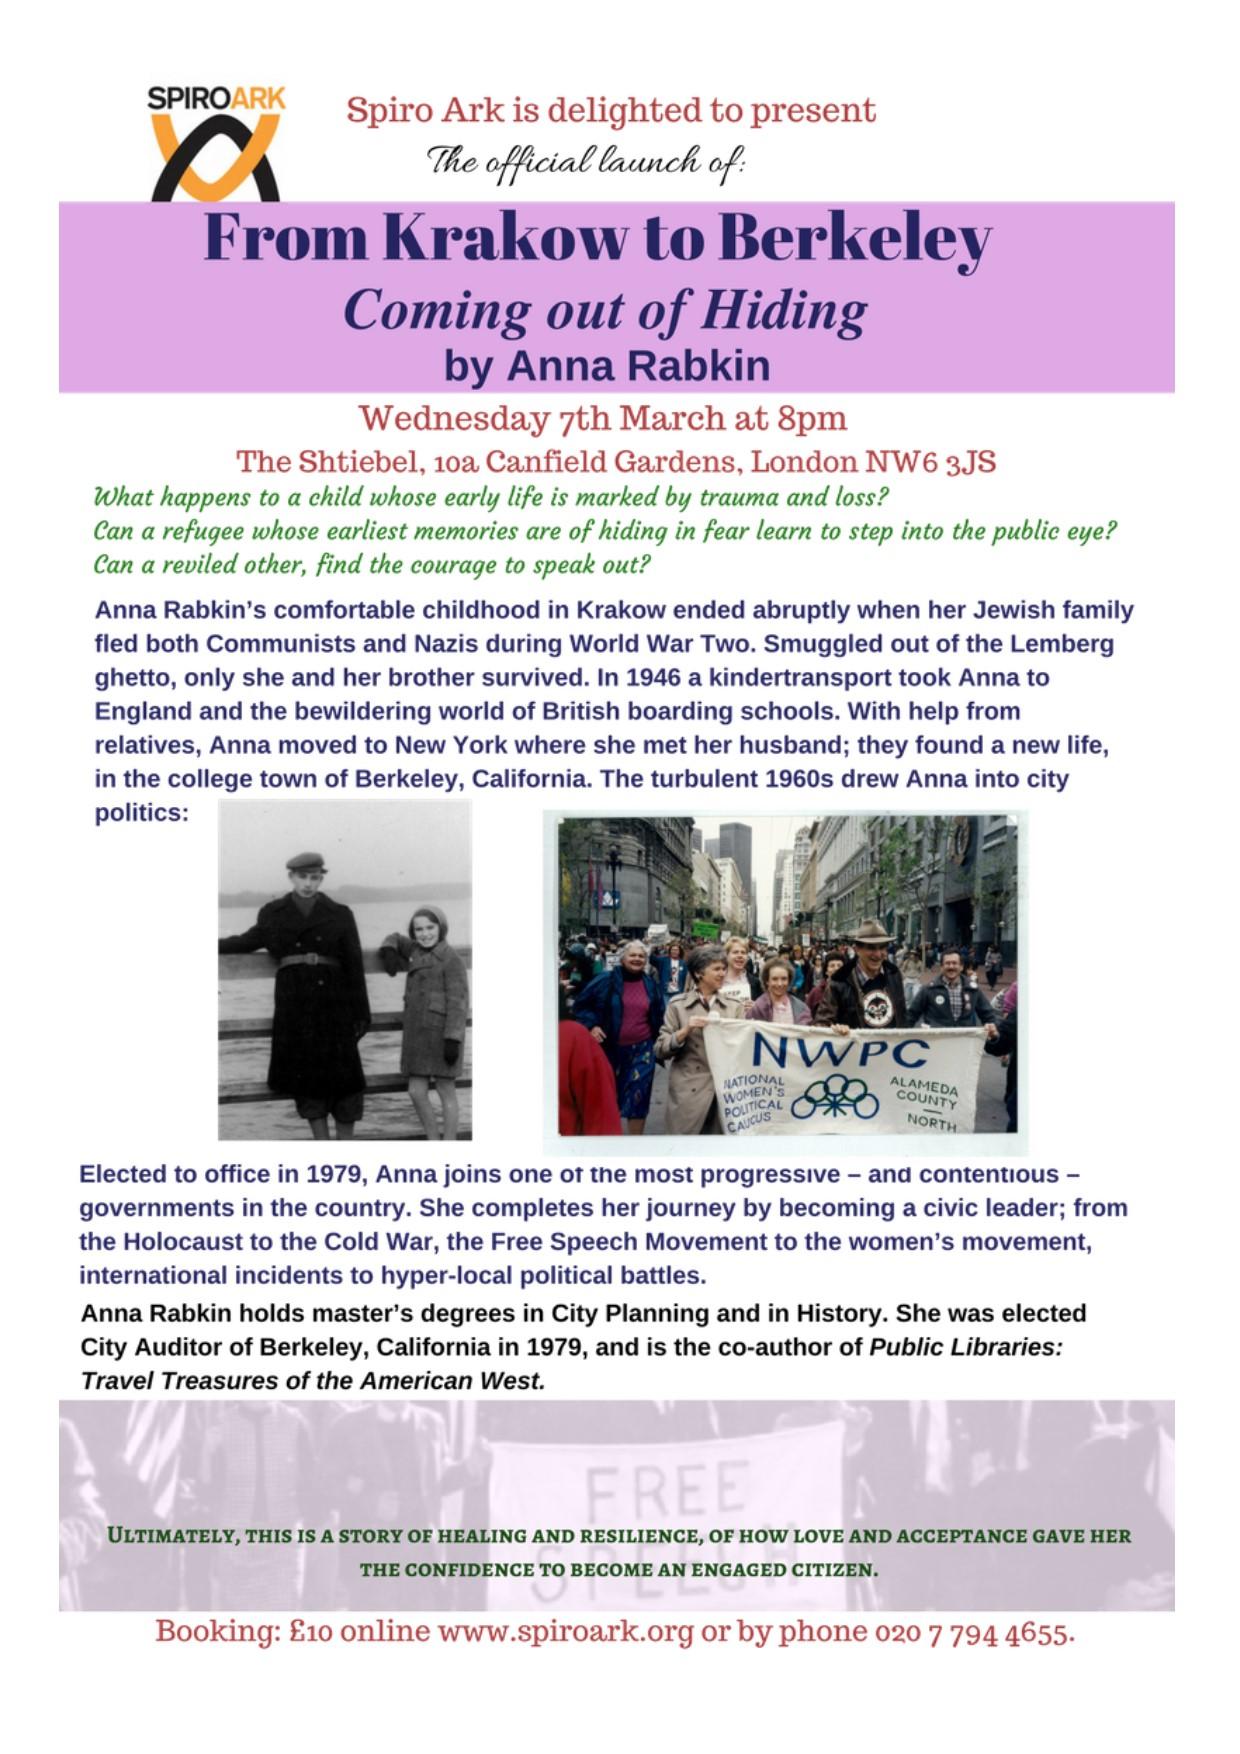 Book Launch: From Krakow to Berkeley